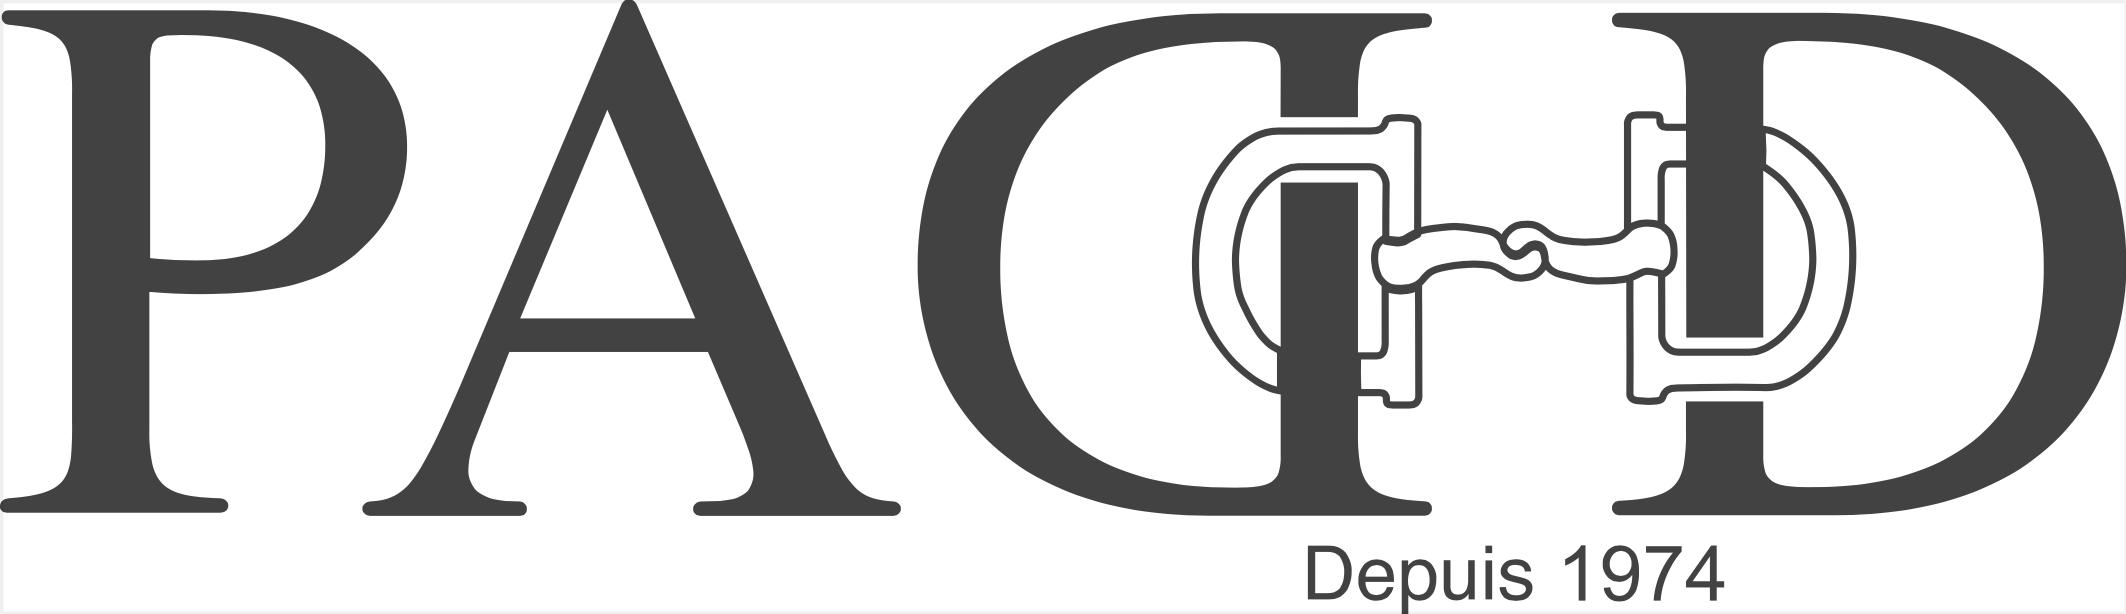 Logo partenaire PADD